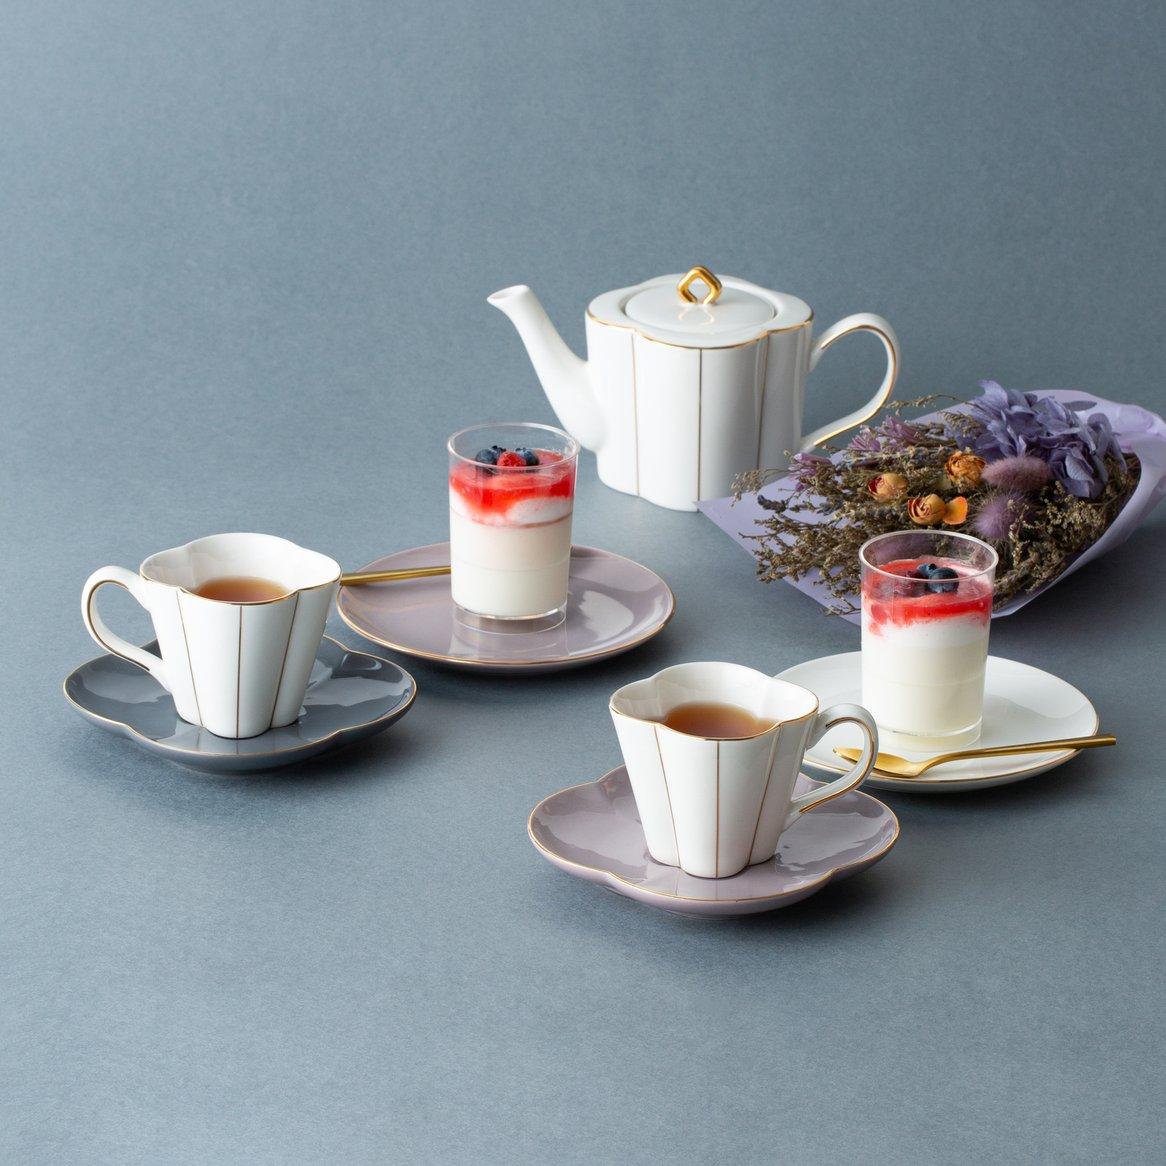 Francfranc(フランフラン) おうちカフェセット 2 personsの商品画像6